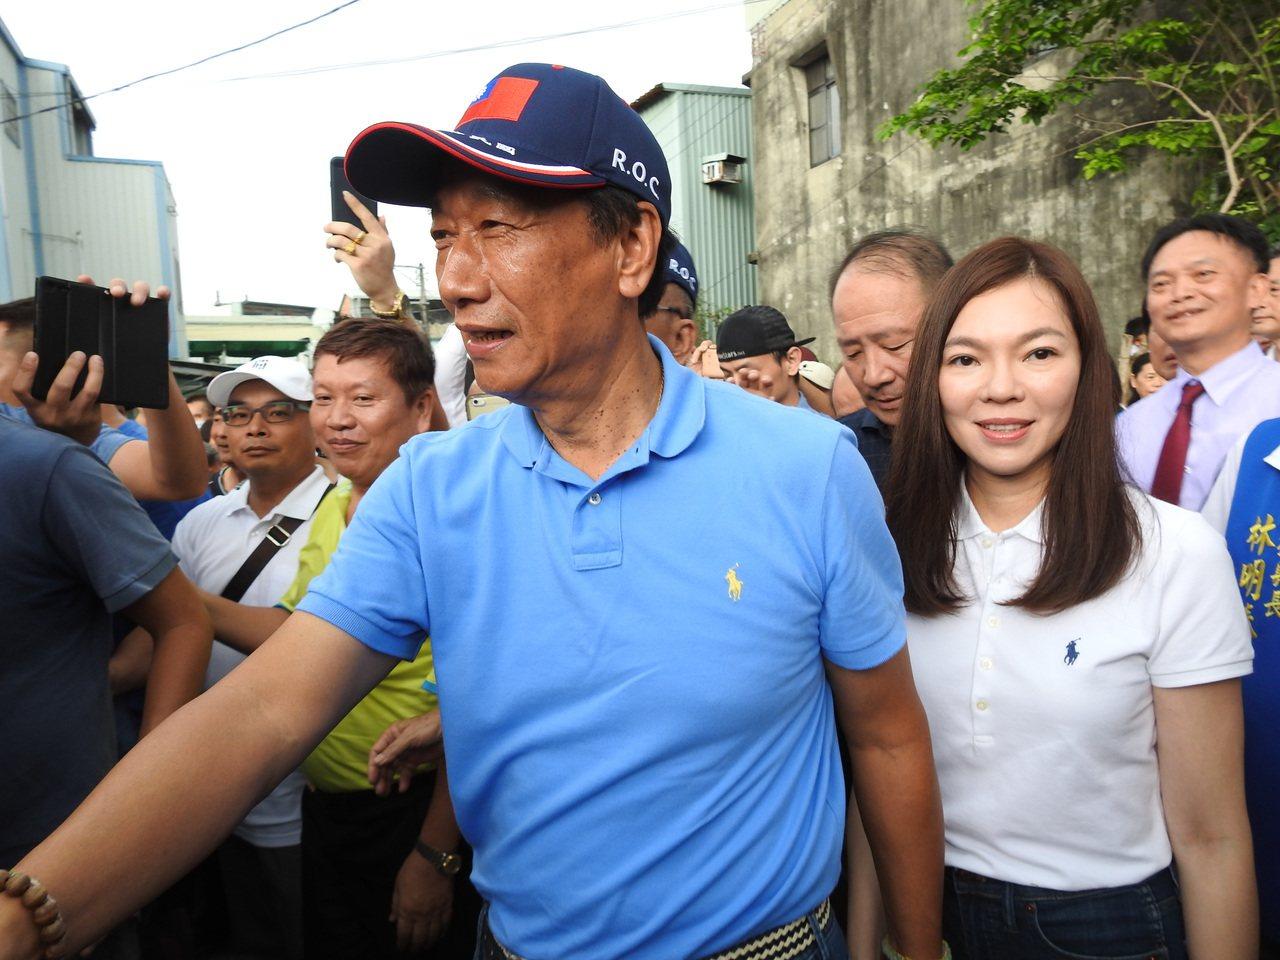 作家苦苓認為郭台銘不會參選總統,但南投鄉親仍支持郭董參選總統。圖/本報資料照片